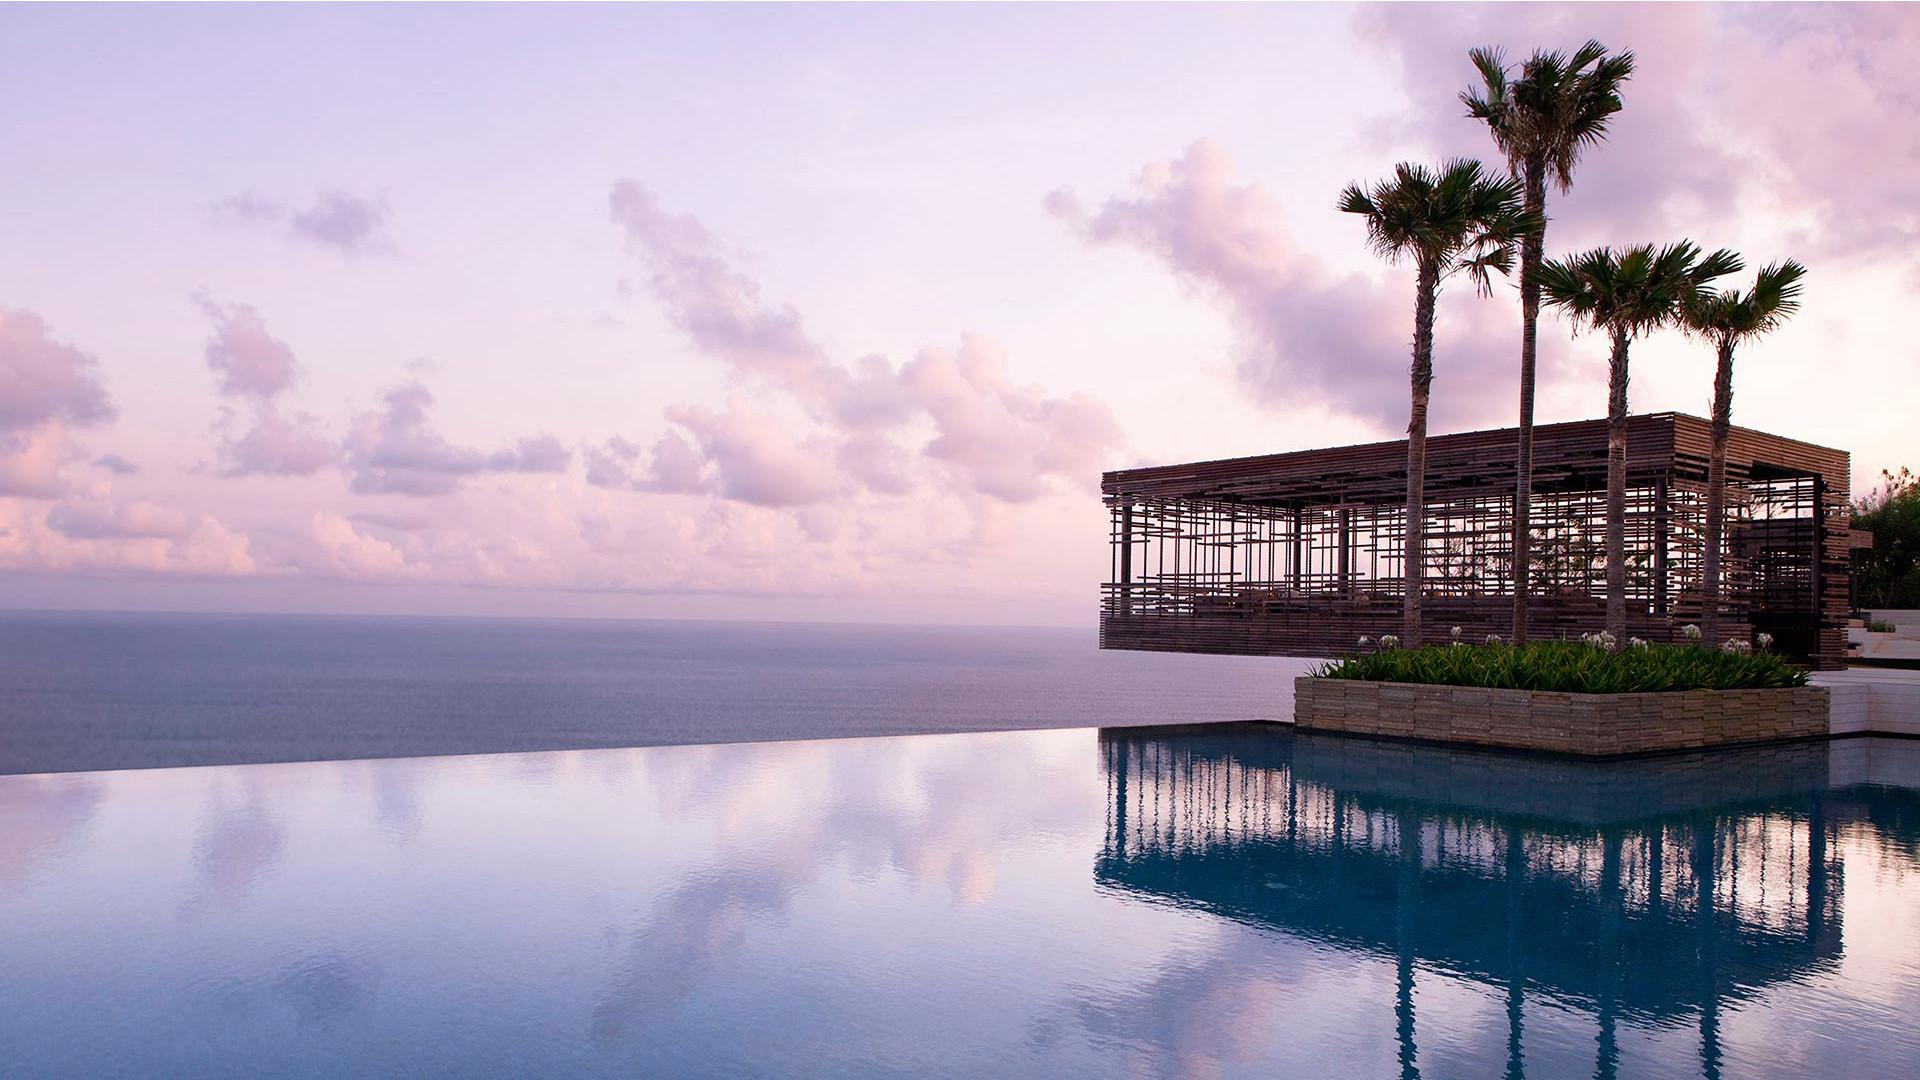 World's Most Awesome Swimming Pools: Alila Villas Uluwatu Bali